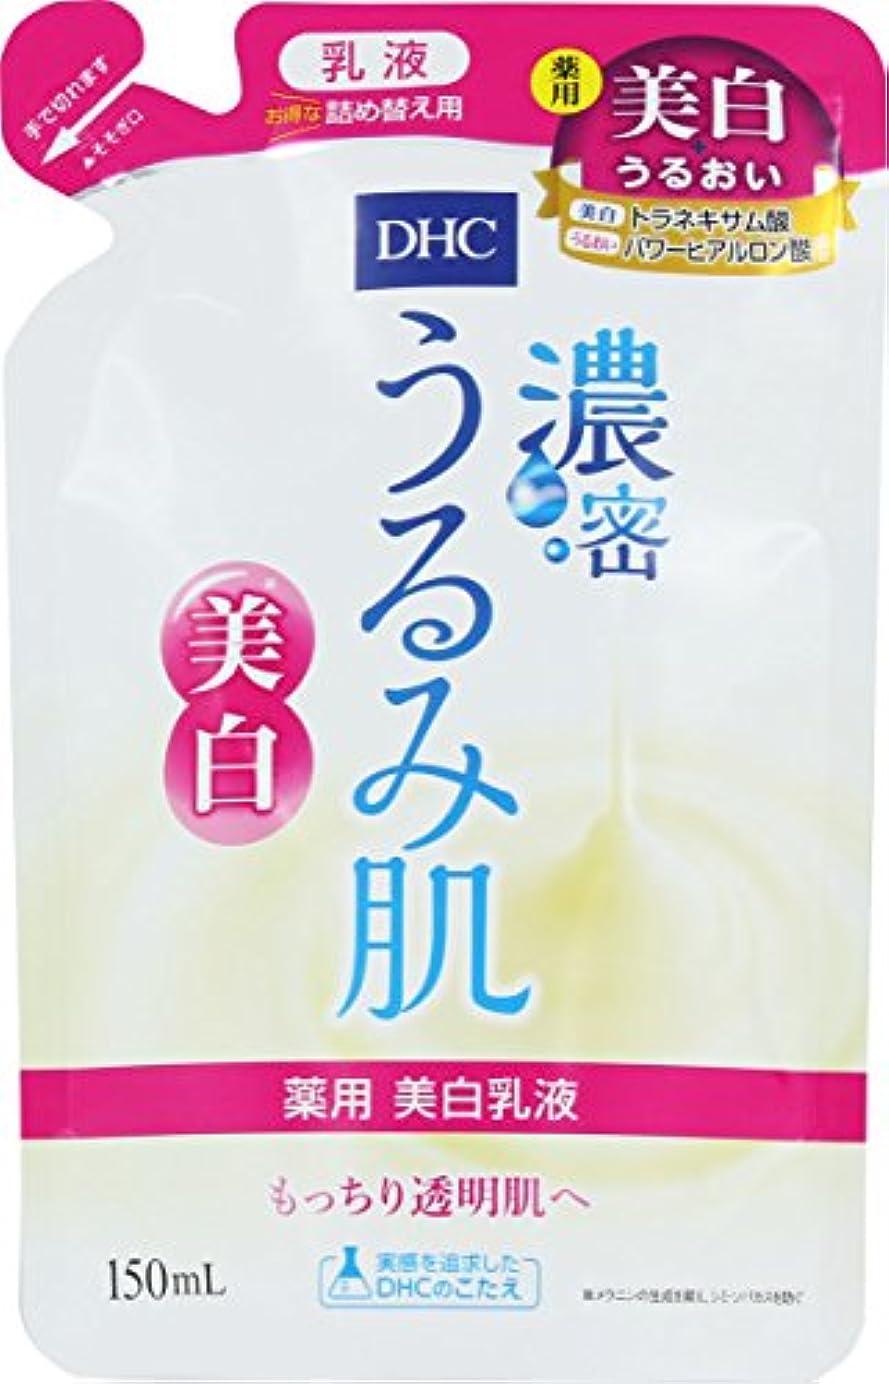 システム会議ステージDHC 濃密うるみ肌 薬用美白乳液 詰め替え 150ML(医薬部外品)